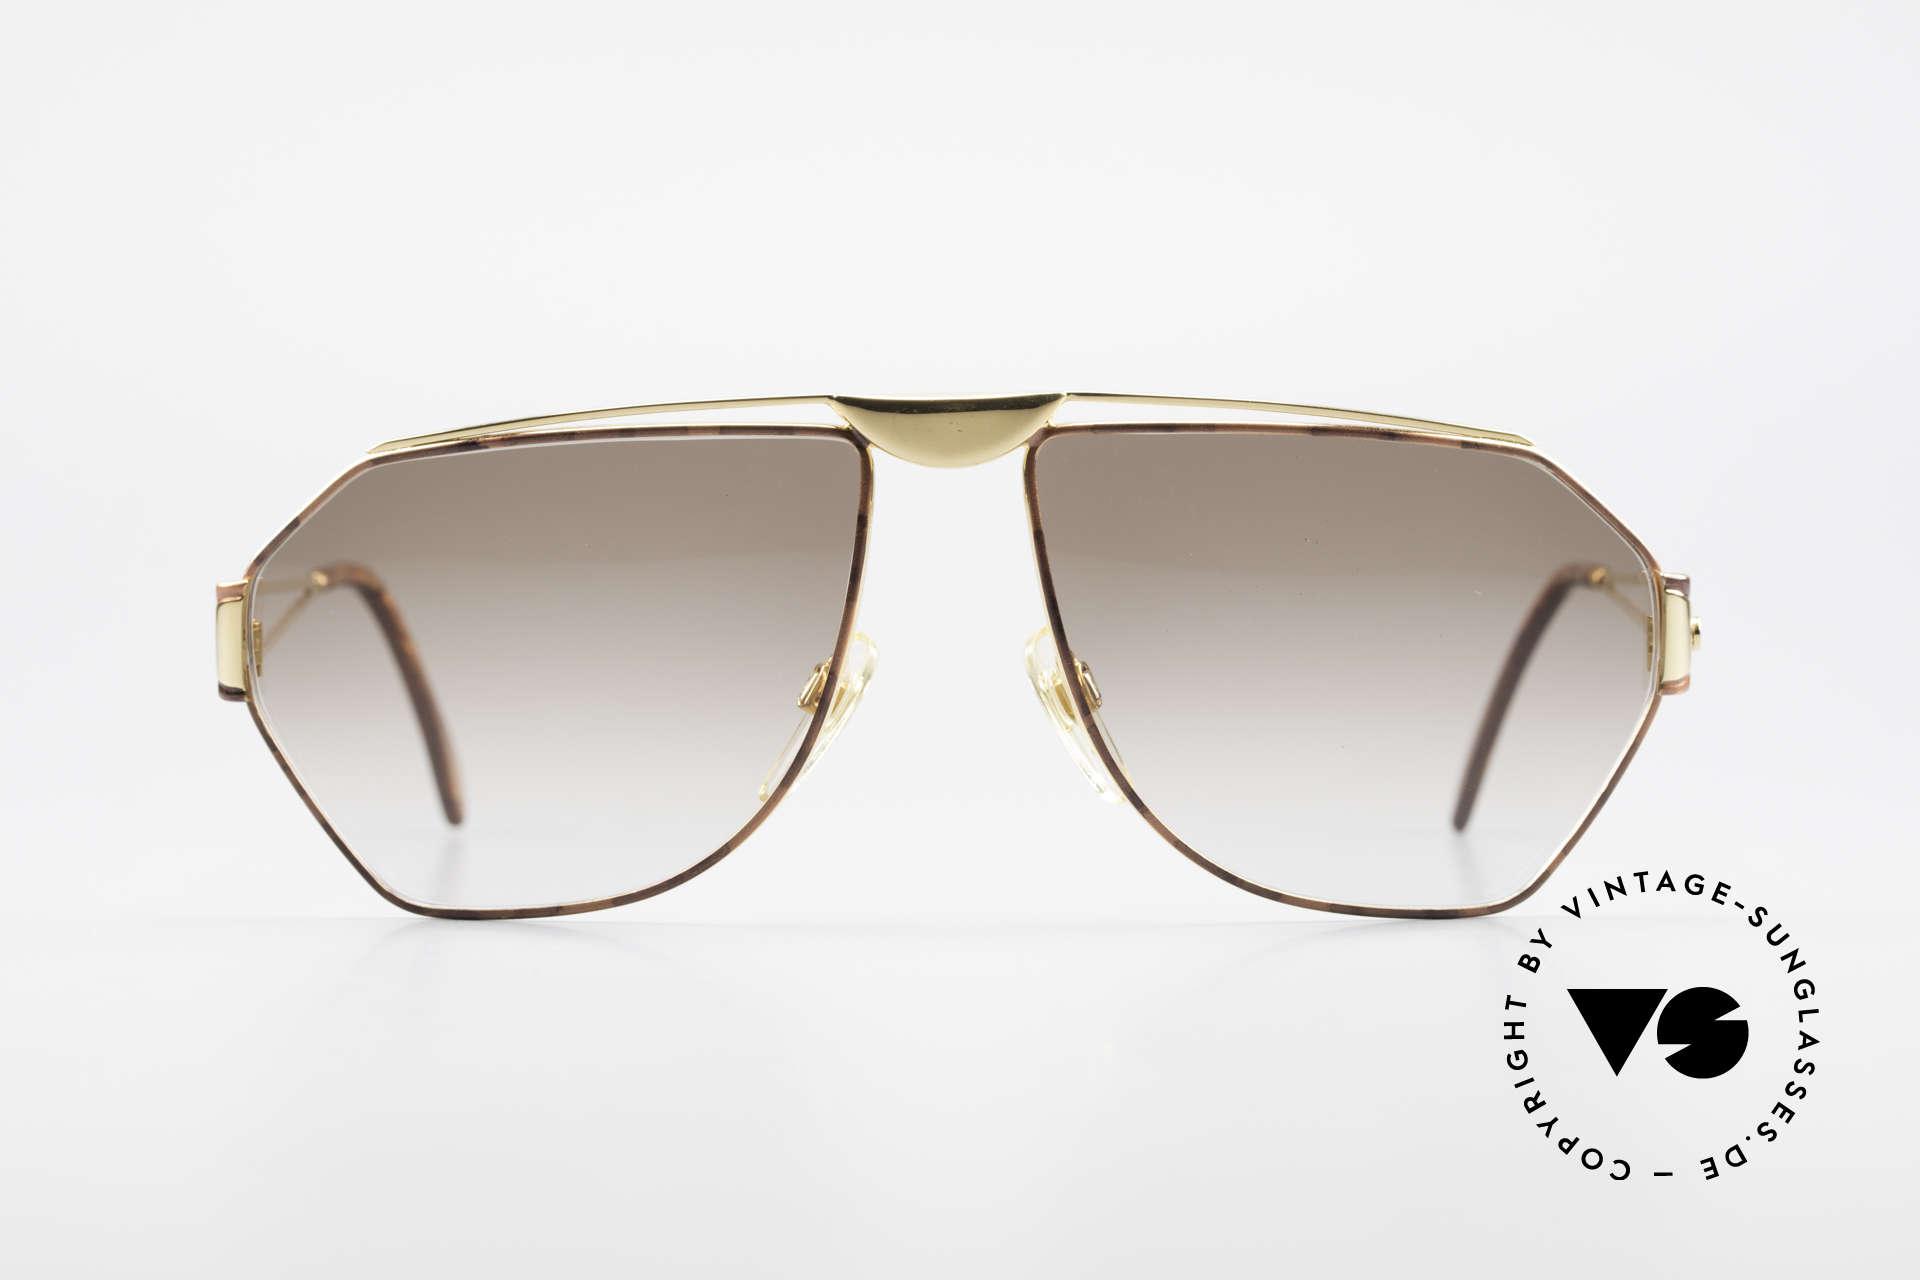 St. Moritz 403 80er Jupiter Sonnenbrille Rar, kostbares 80er Jahre Designerstück mit Jupiter Symbol, Passend für Herren